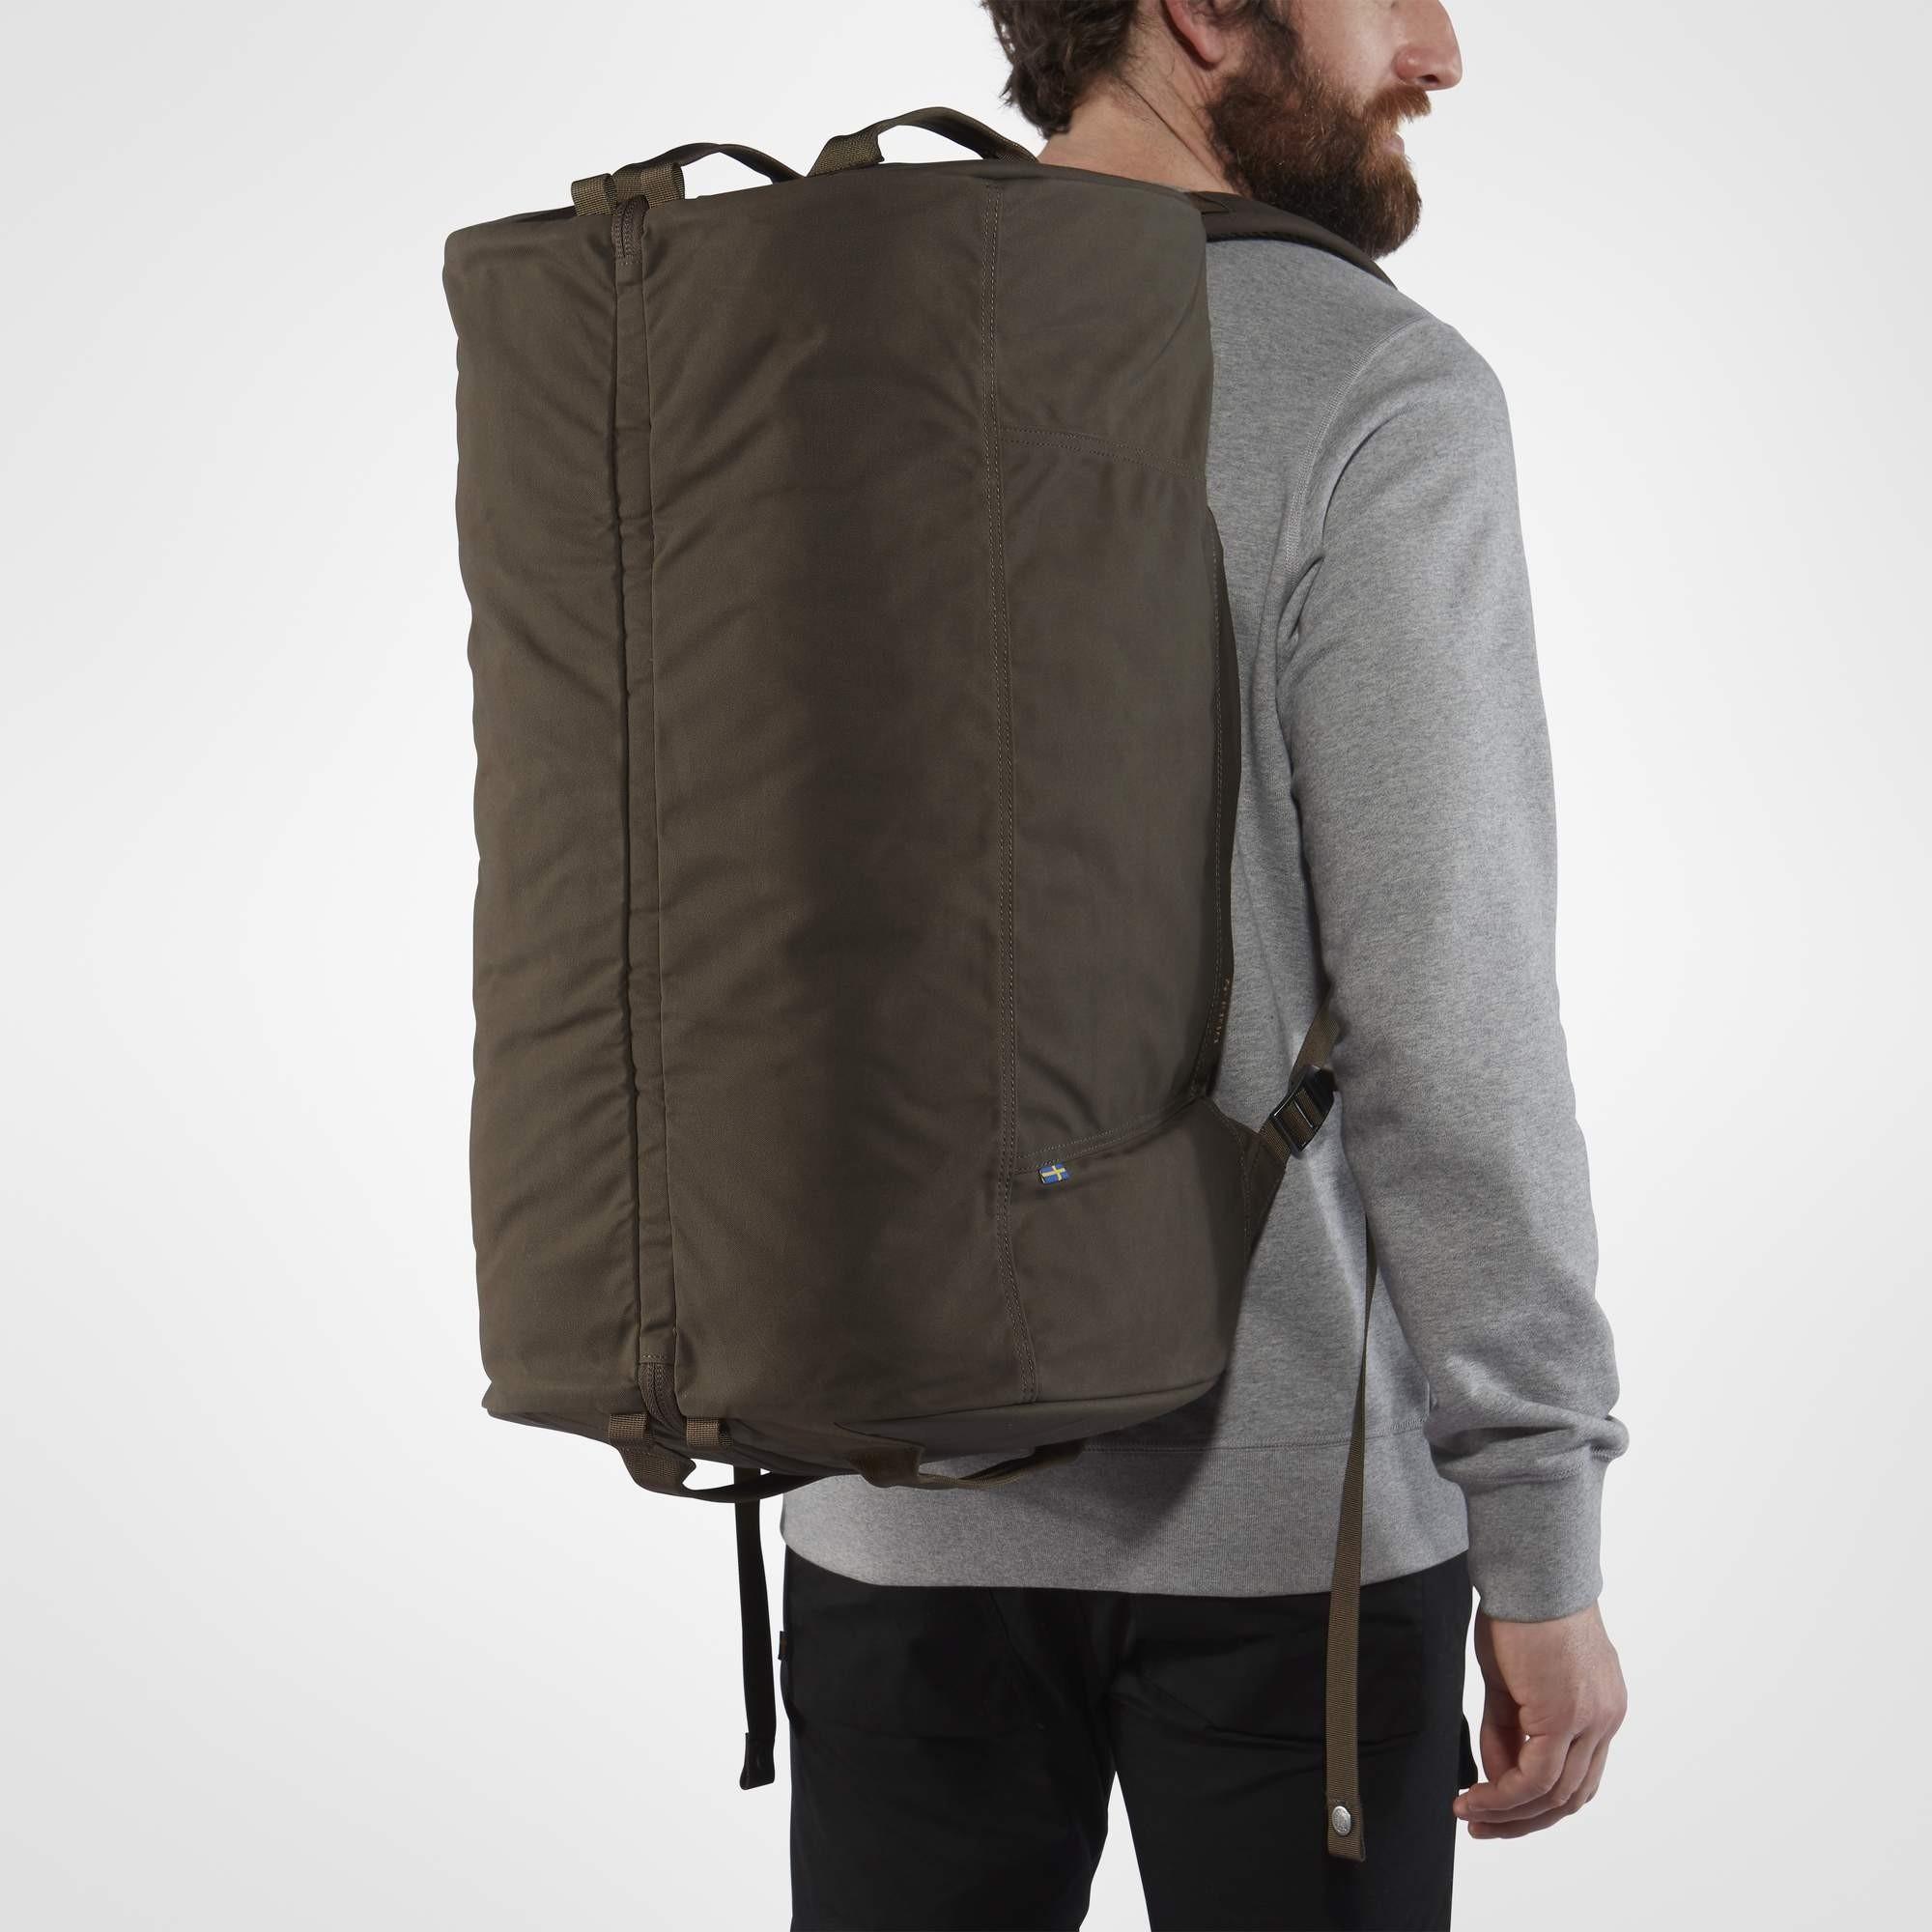 Fjallraven Splitpack Large - 55L - Olive